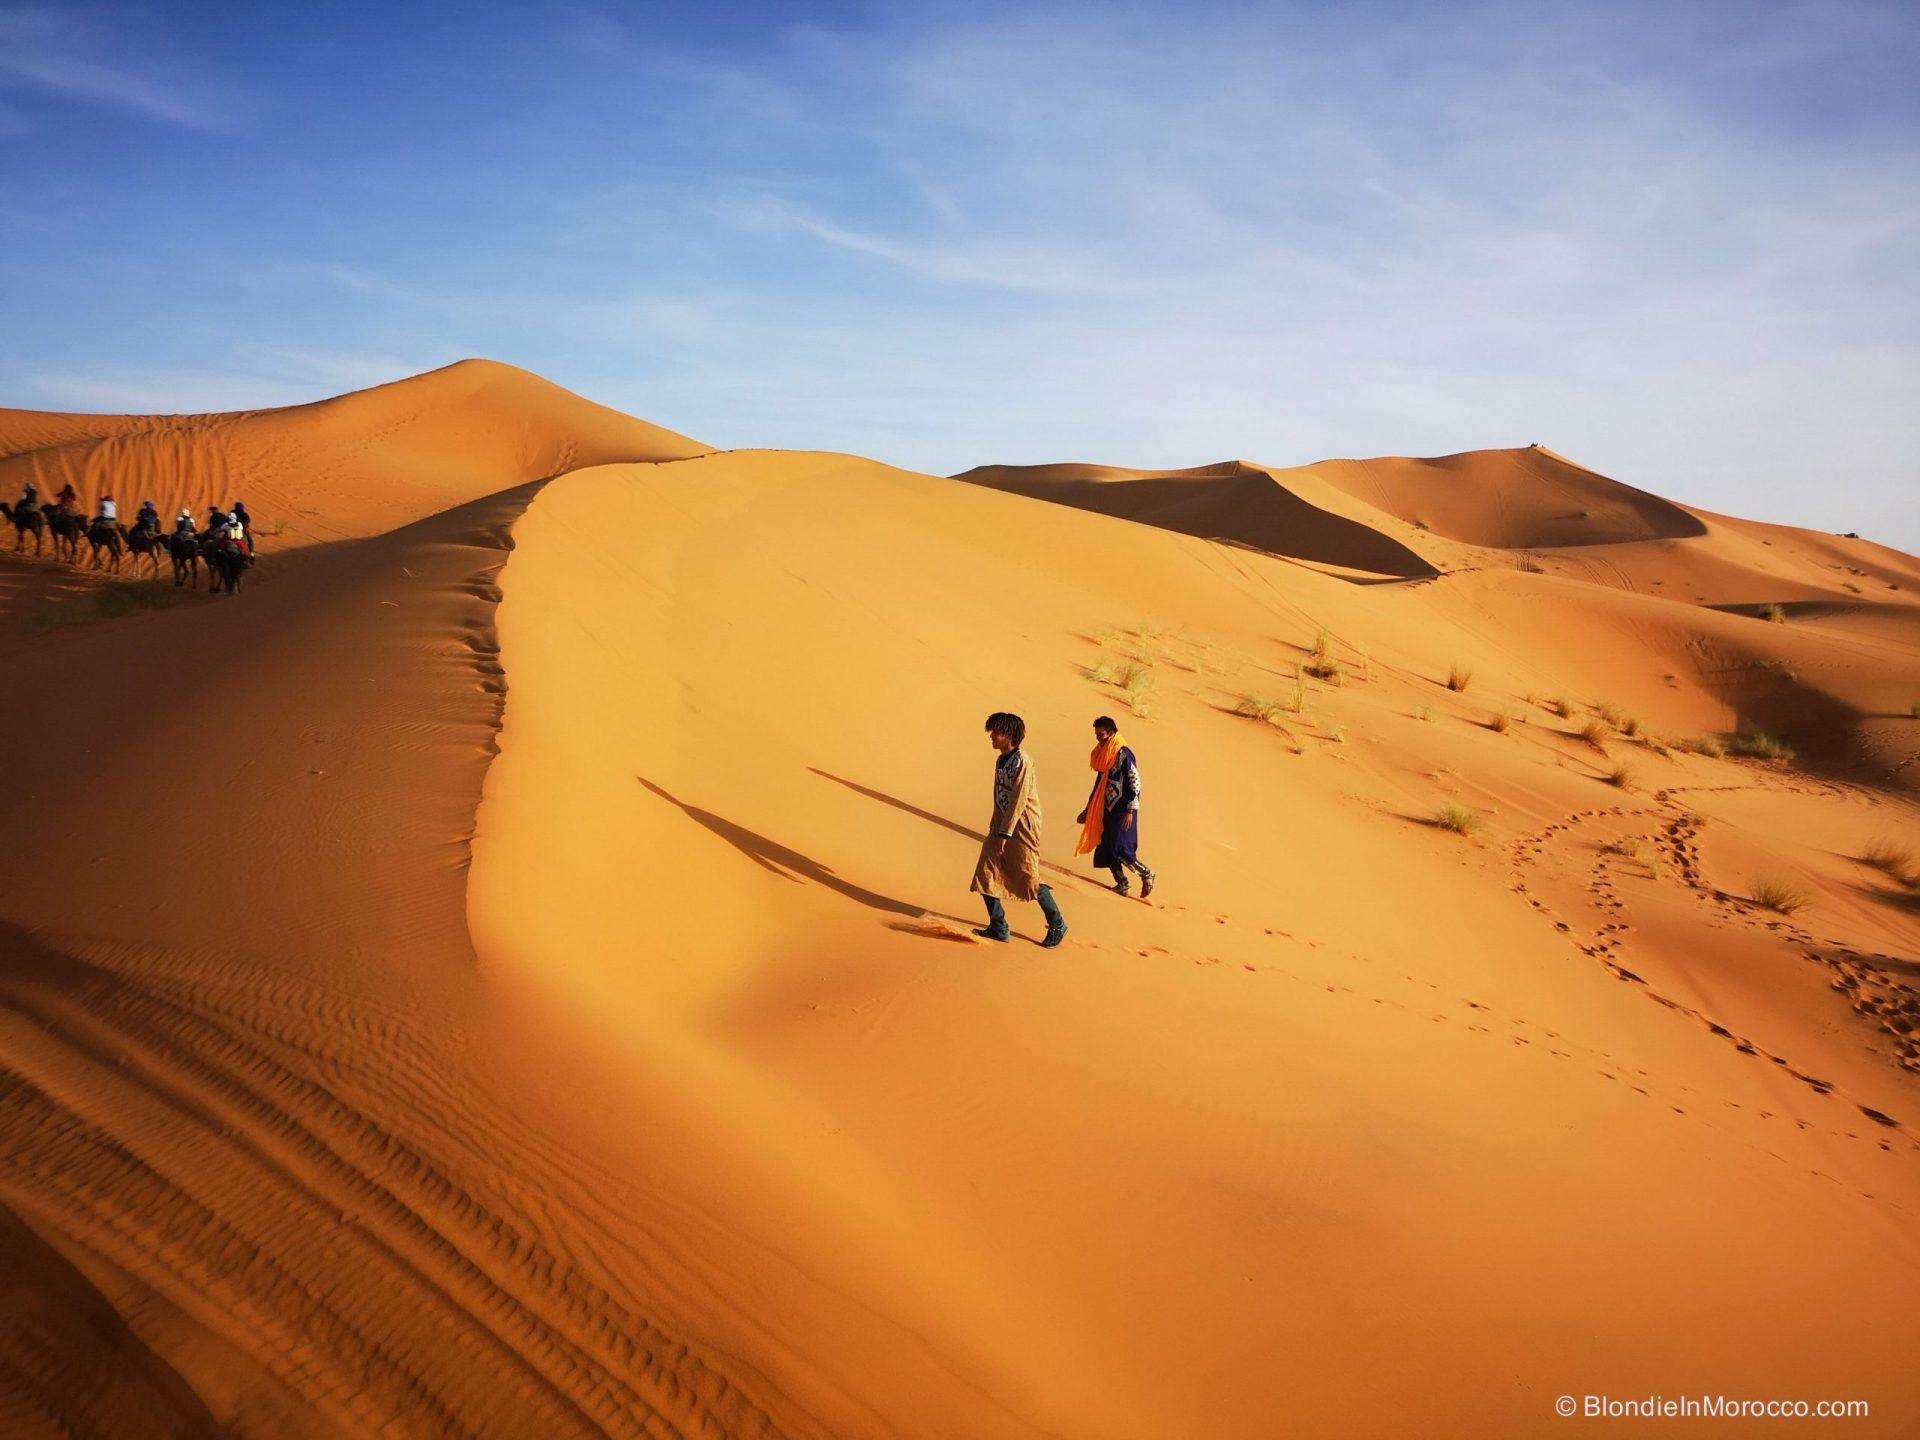 Sahara-desert-morocco-Merzouga-camel8